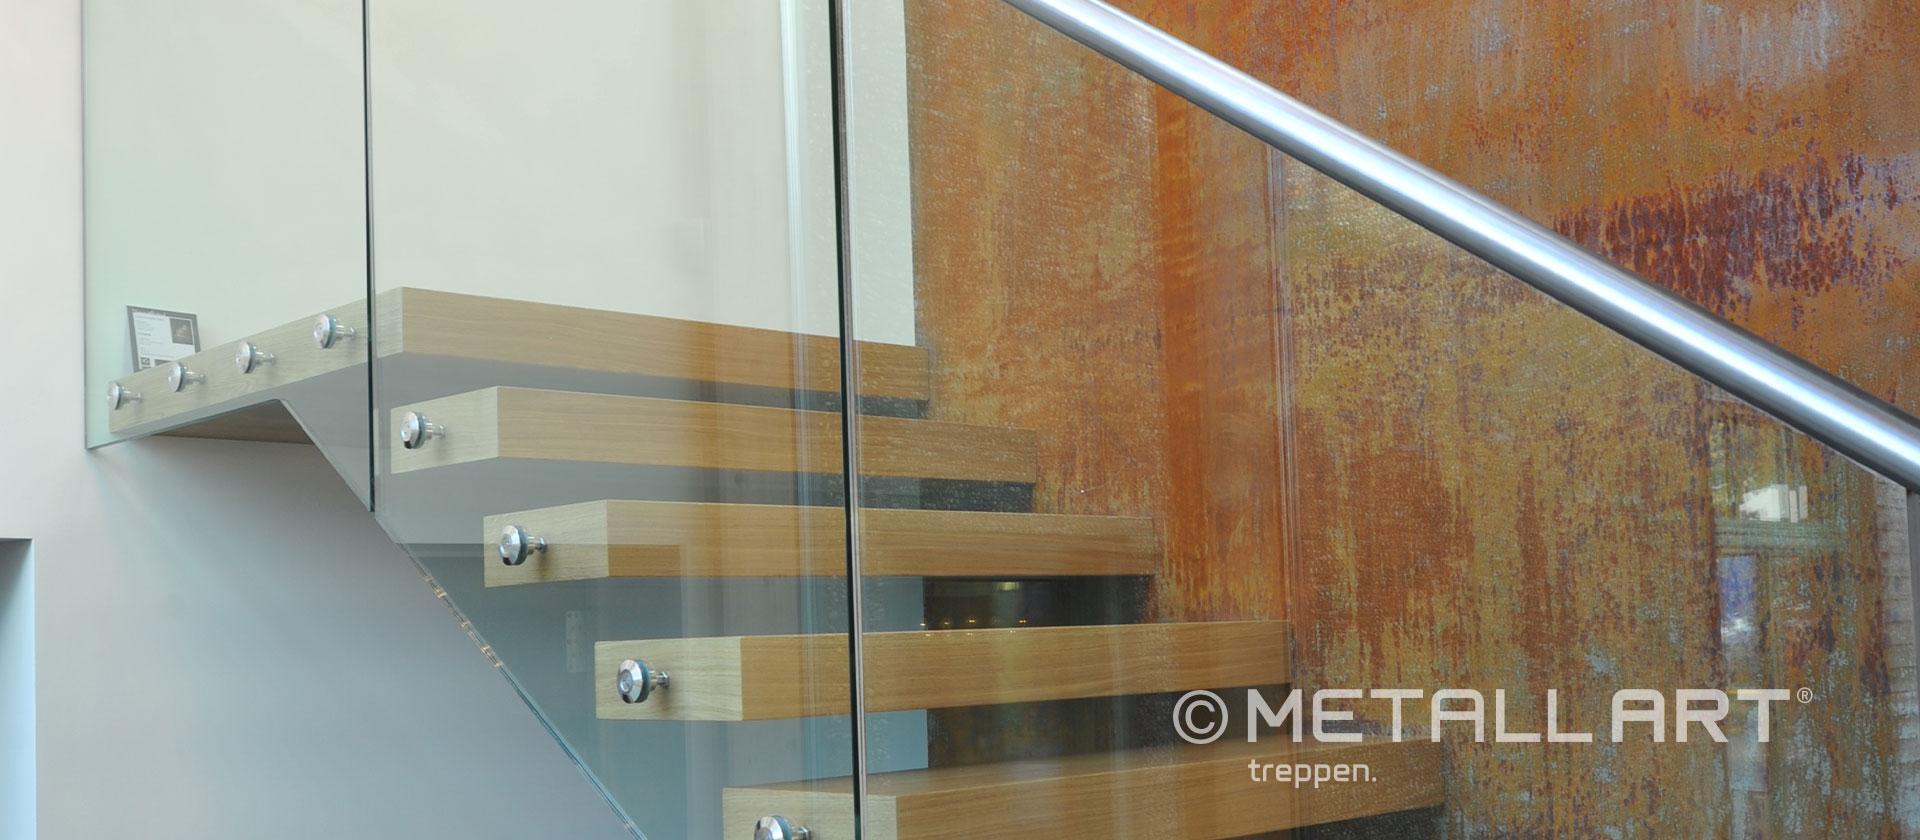 Treppe mit Glassgeländer